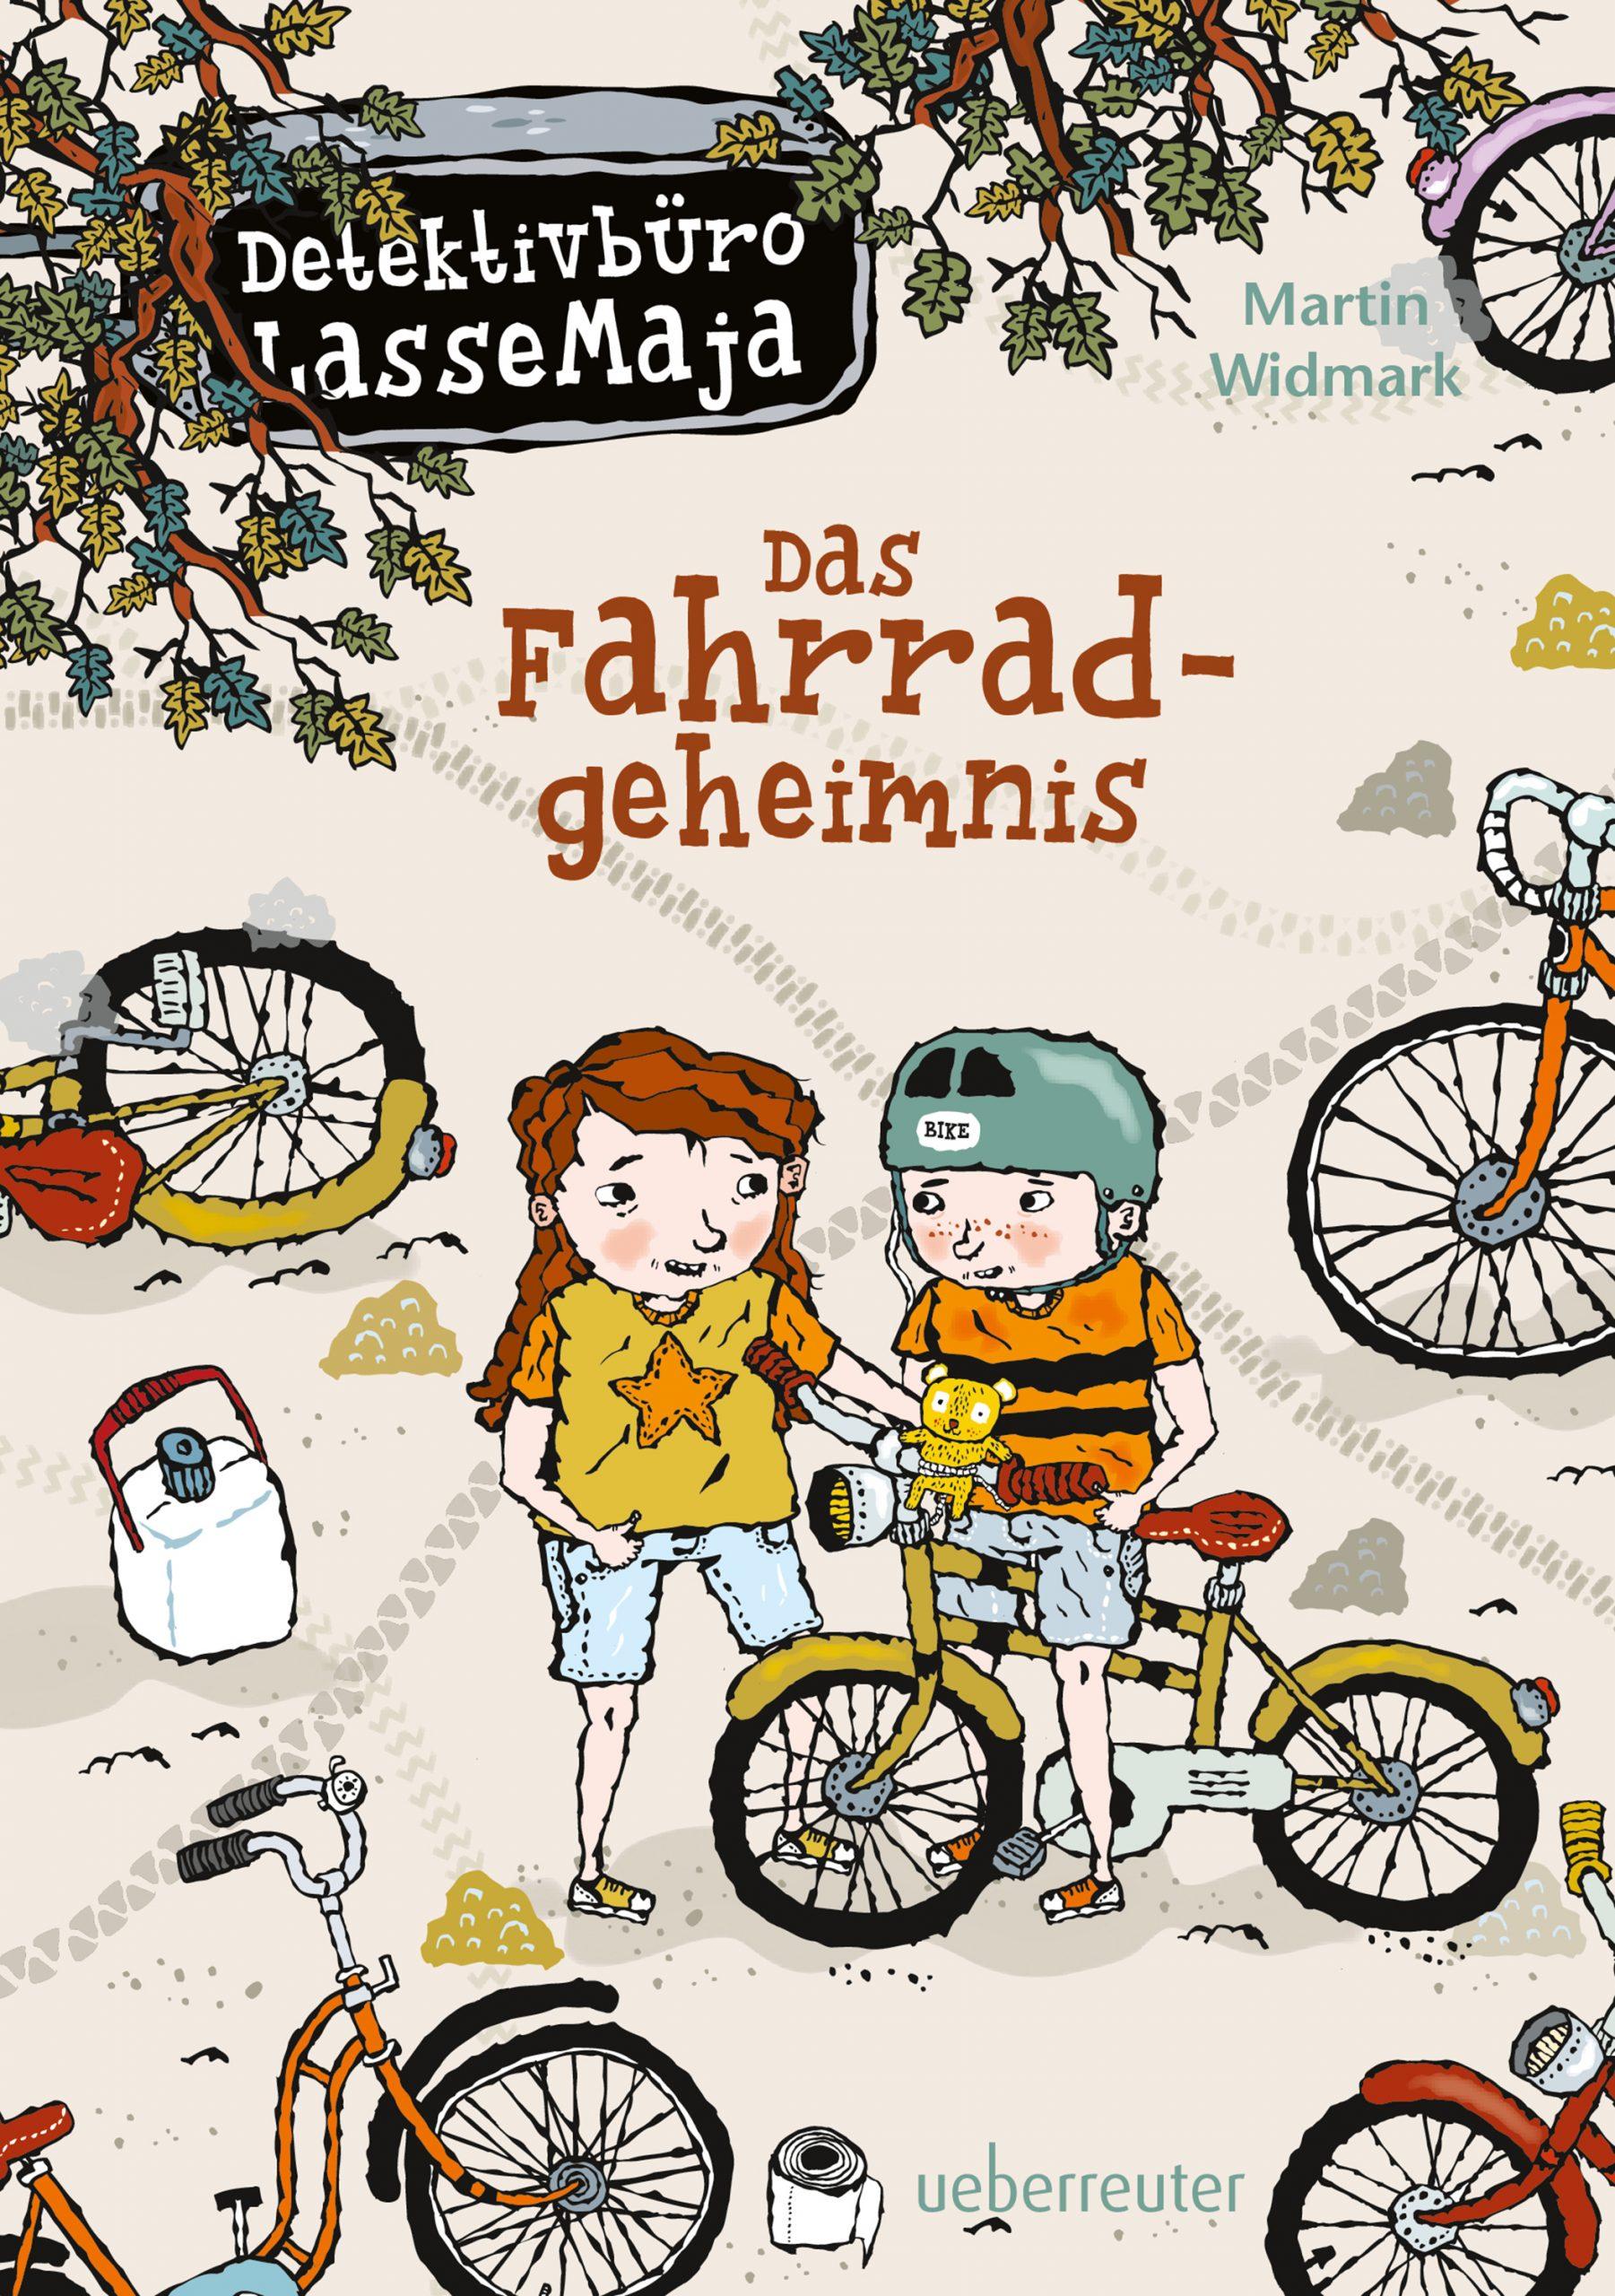 Detektivbüro LasseMaja – Das Fahrradgeheimnis